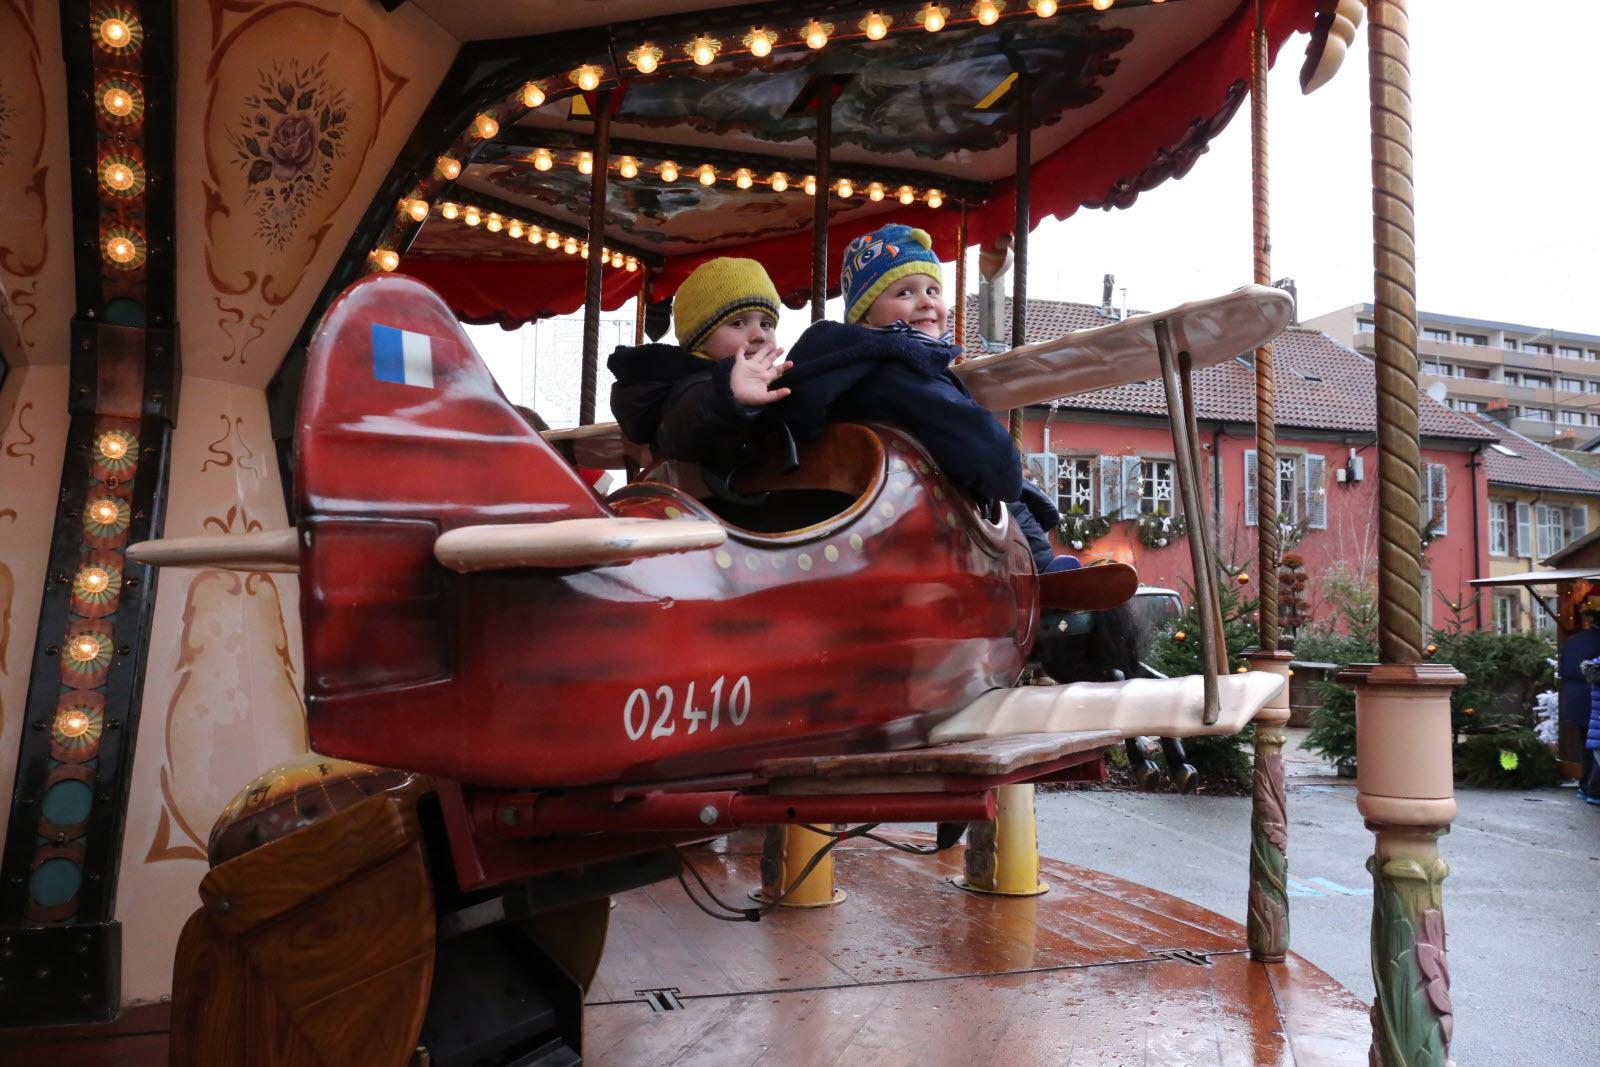 Vintage Merry-go-round插图(24)